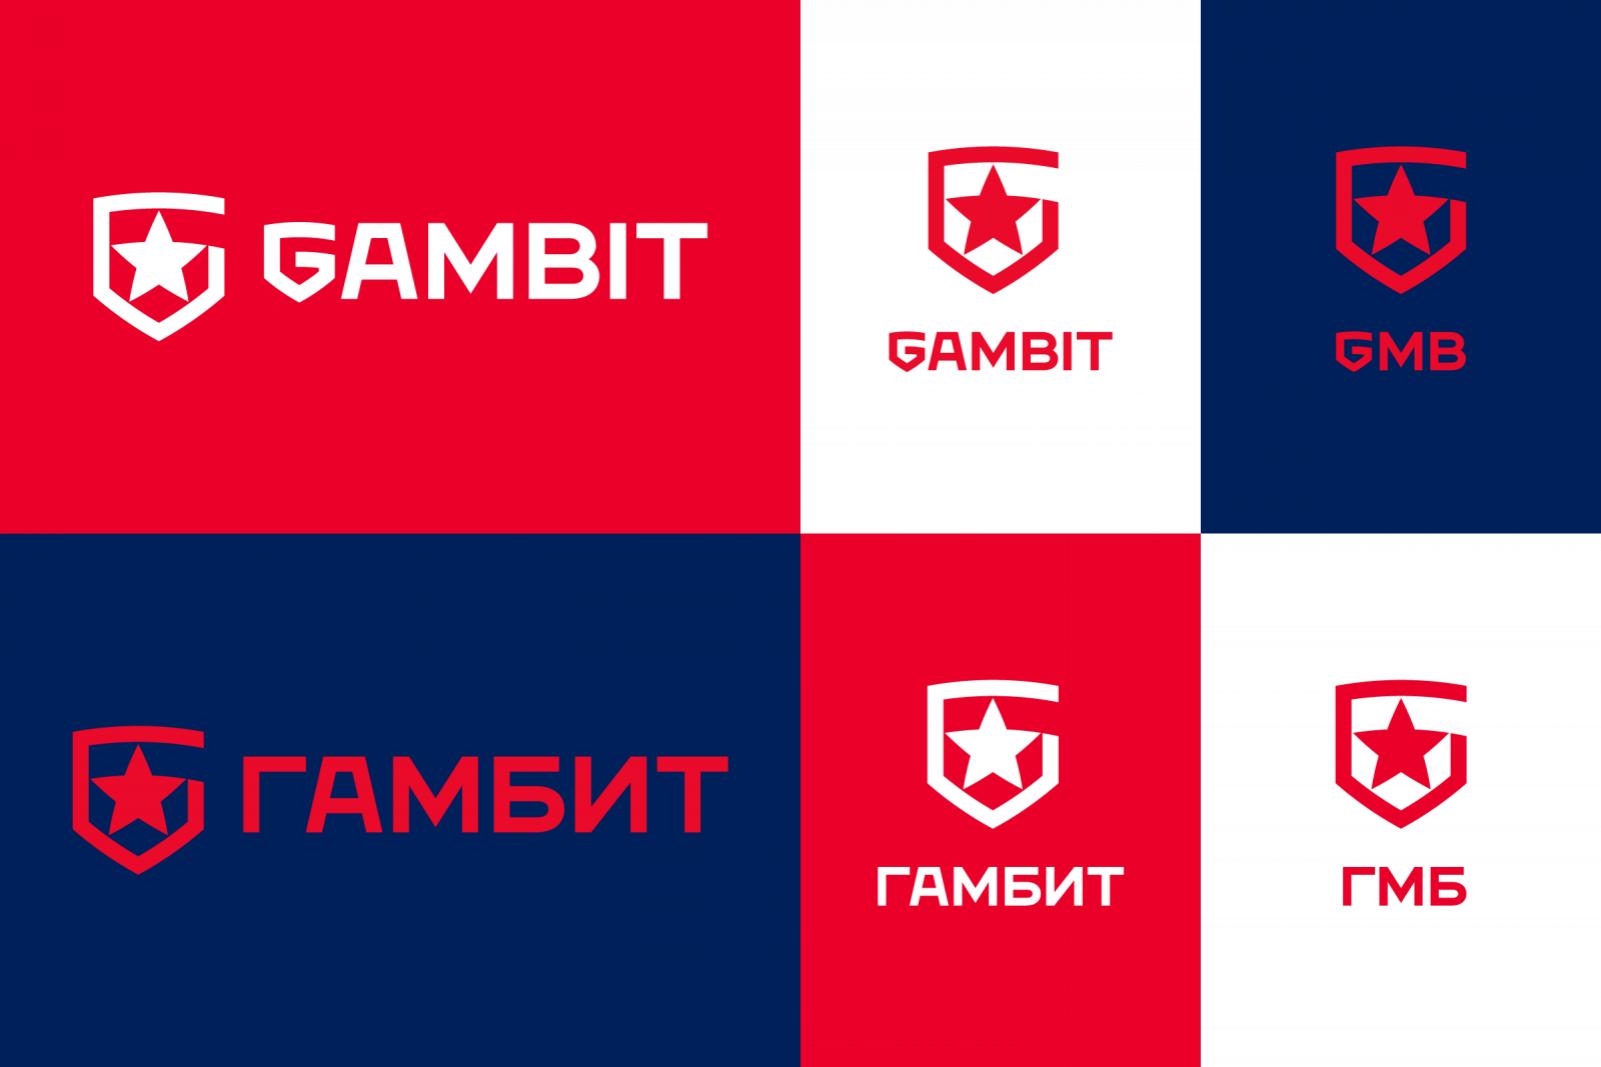 Киберспорт как стиль Каким должен быть новый логотип и клубный дизайн